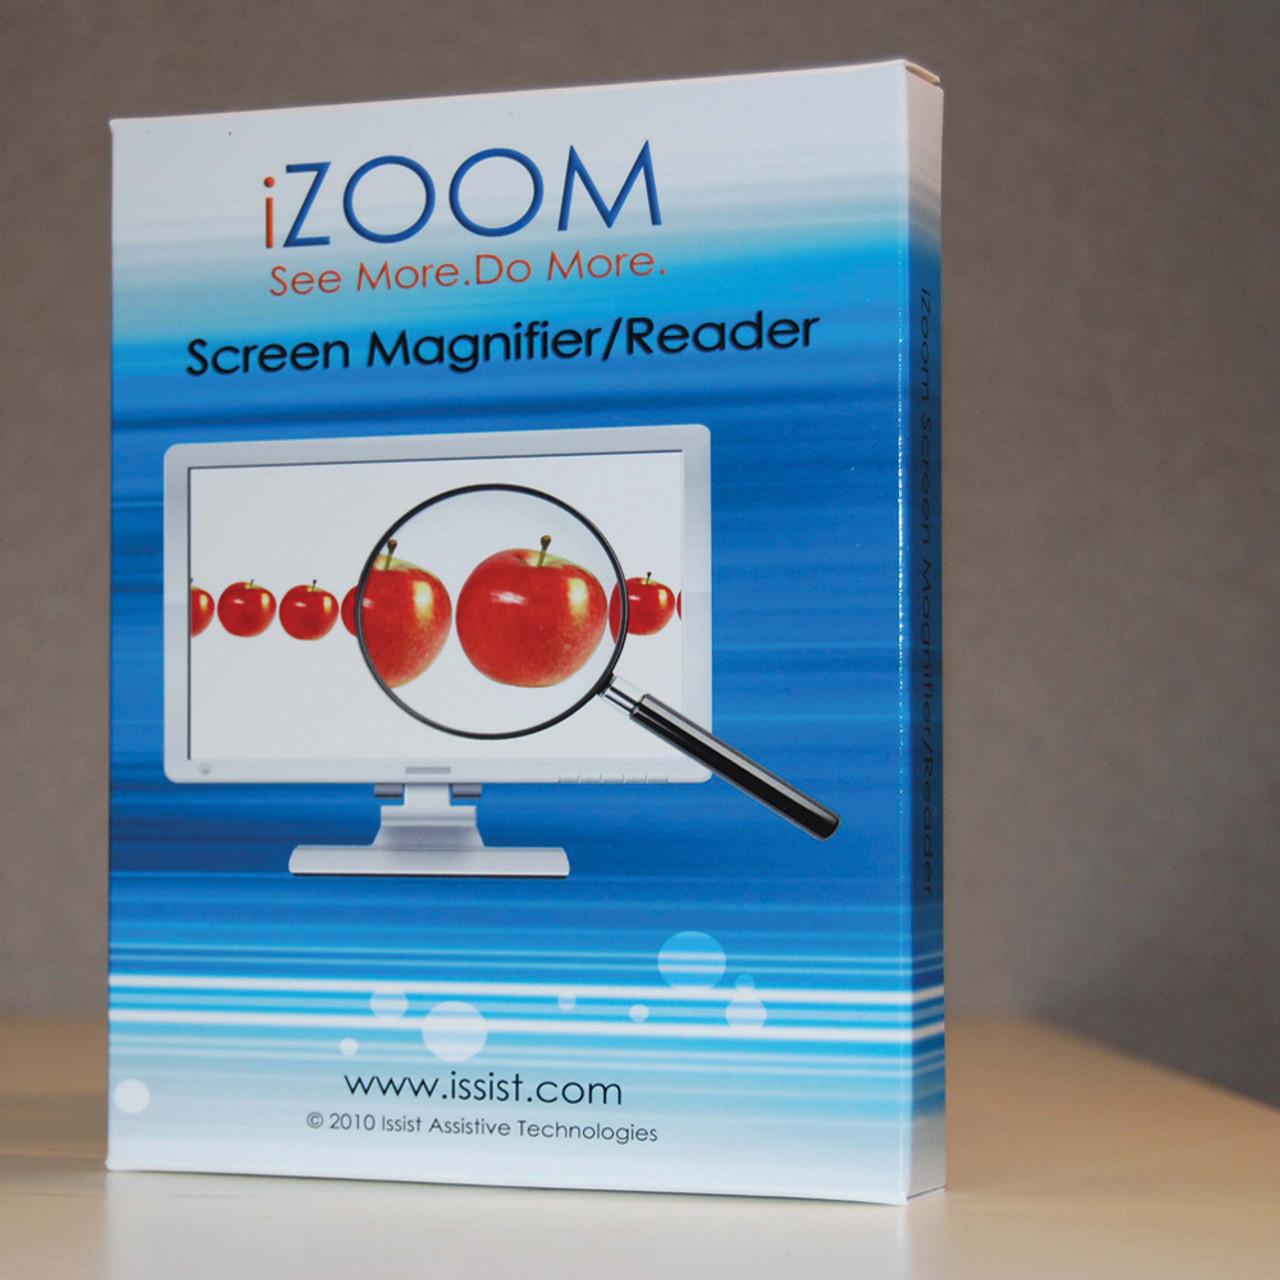 IZOOM Magnifier/ Reader USB version 6.0